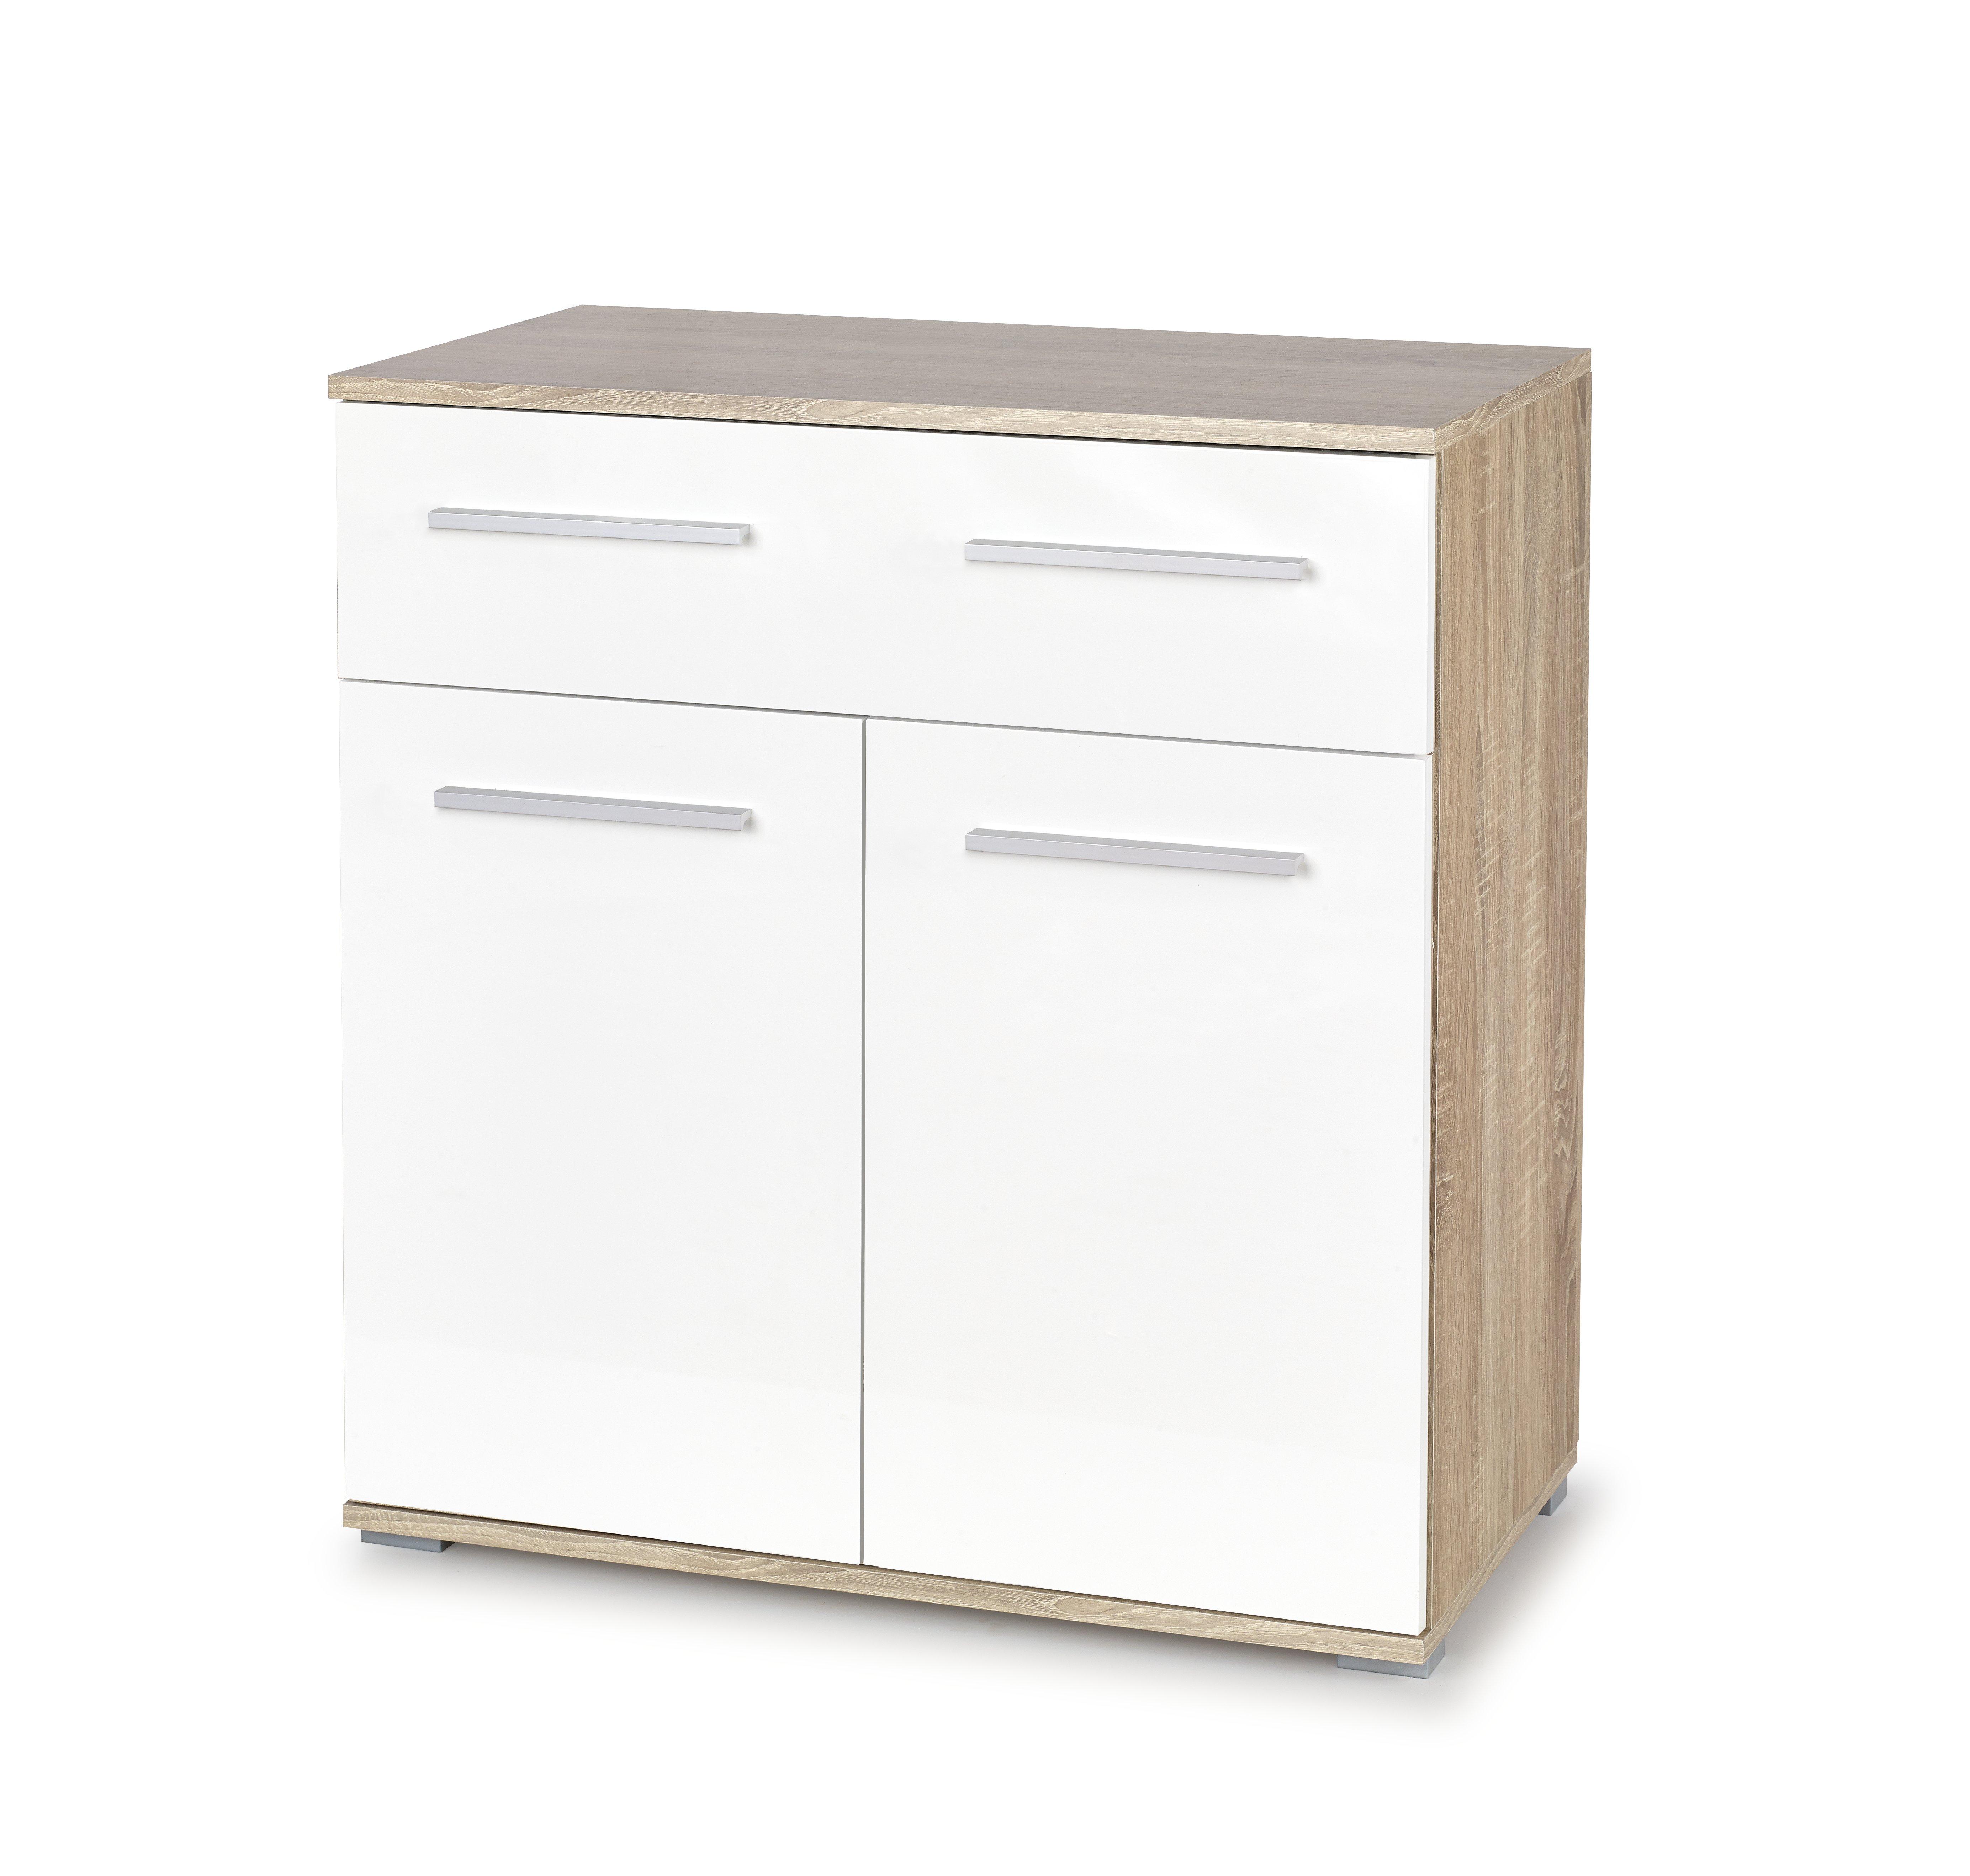 Comoda Lima KM-1 White / Oak l77xA40xH82 cm